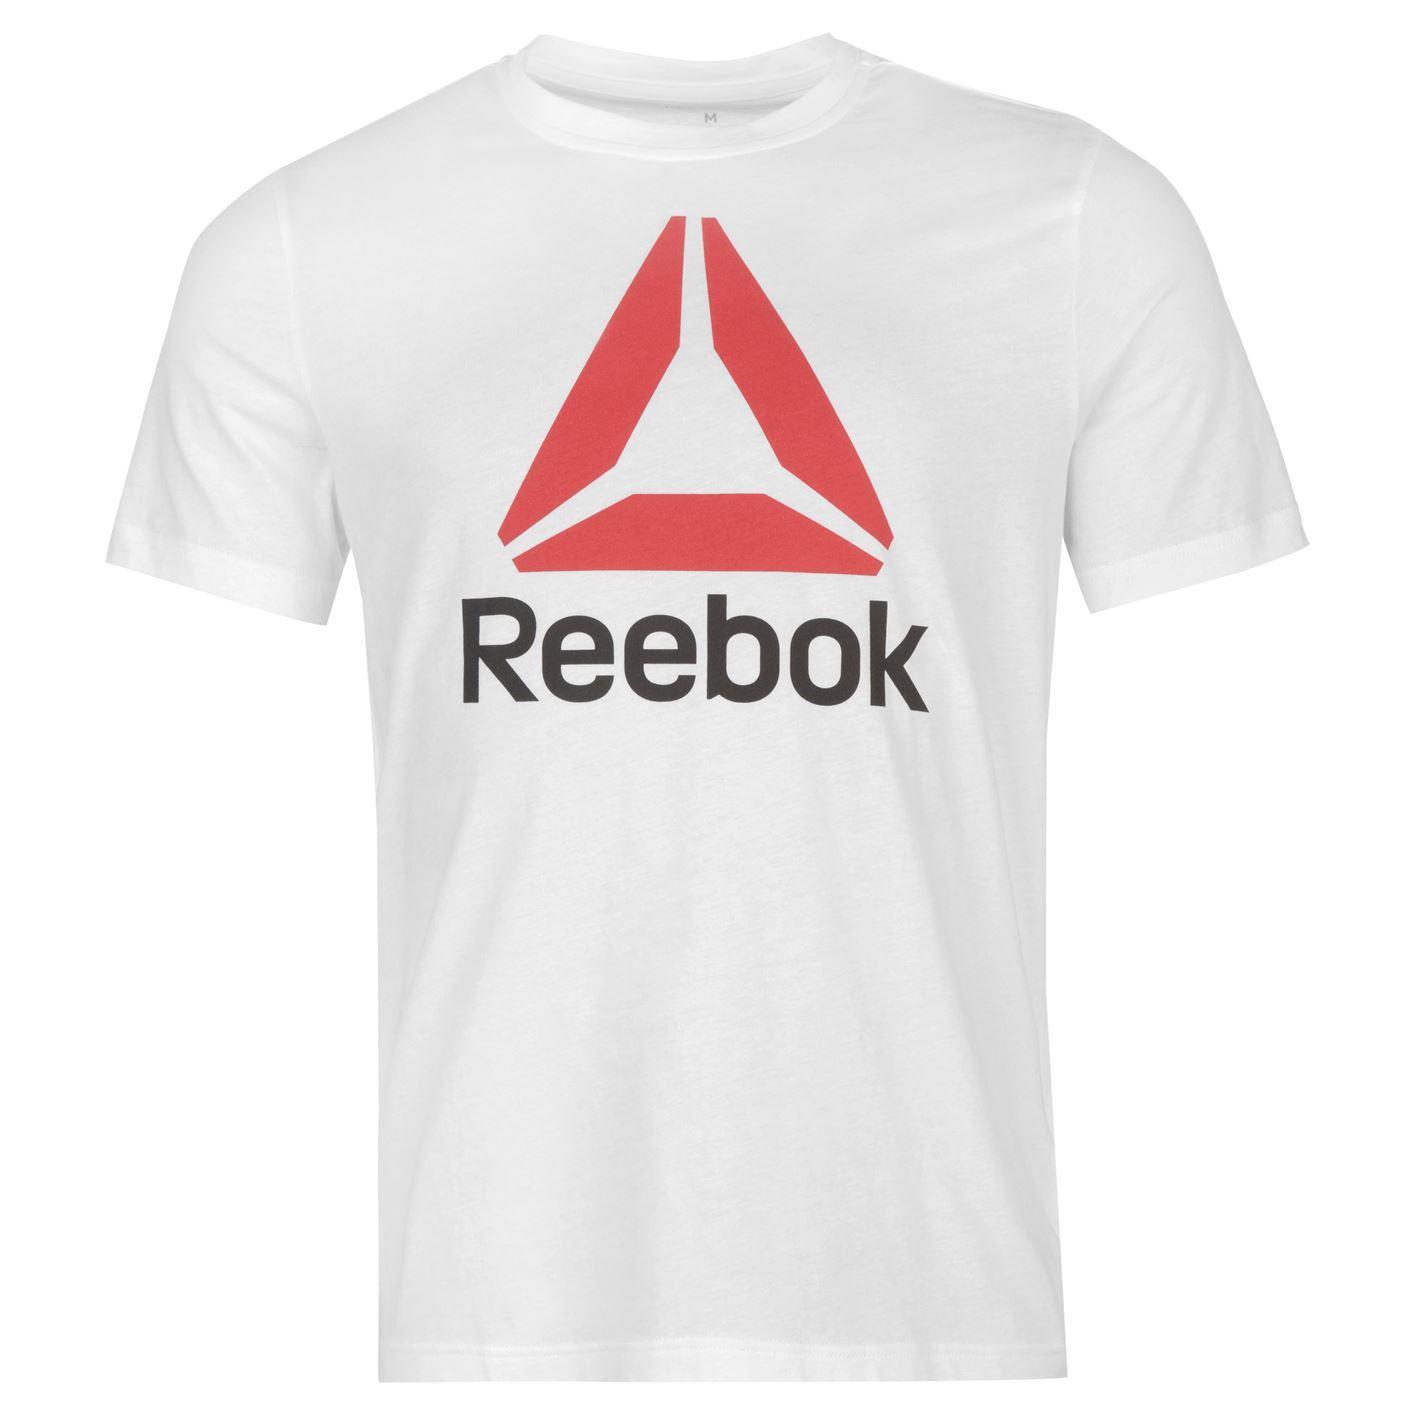 Reebok-Stack-Delta-Logo-T-Shirt-Mens-Tee-Shirt-Top thumbnail 26